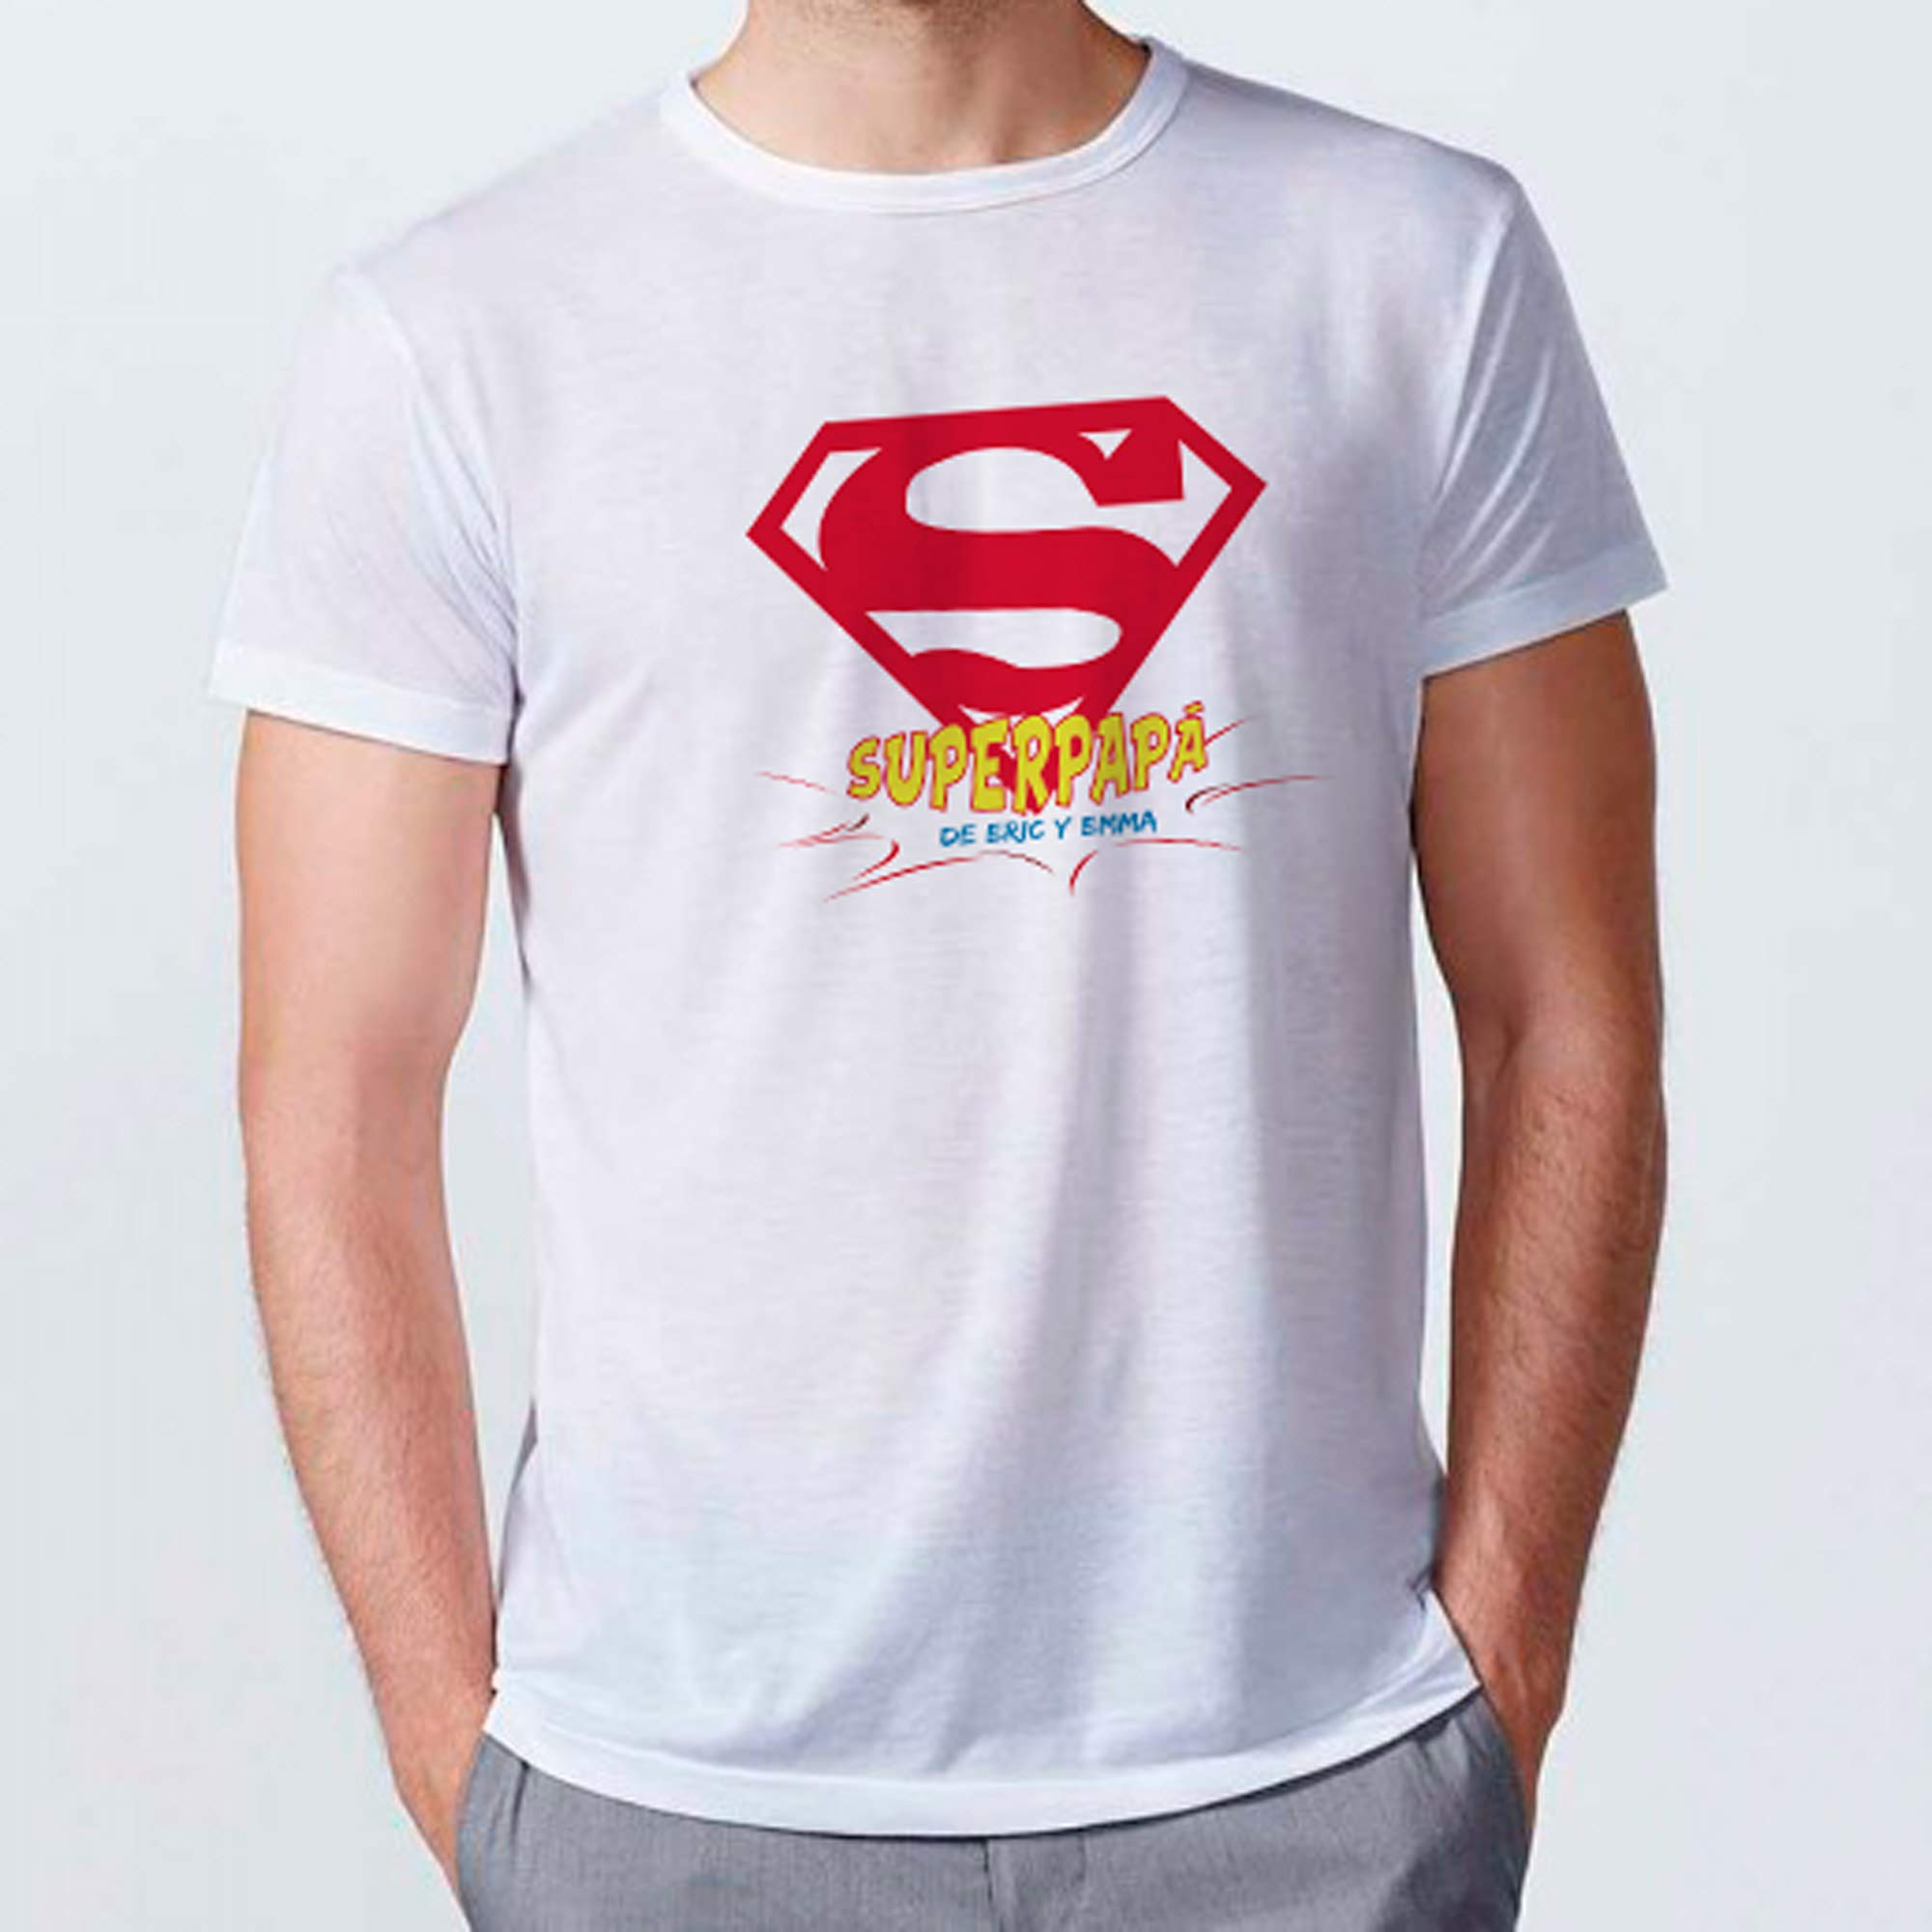 LolaPix Camiseta Super Papa Personalizada con Nombre/Texto. Regalos Personalizados para Hombre. Certificado Oeko-Tex Standard. Varios diseños y Tallas. Tacto Algodón. Papá Superhéroe: Amazon.es: Hogar